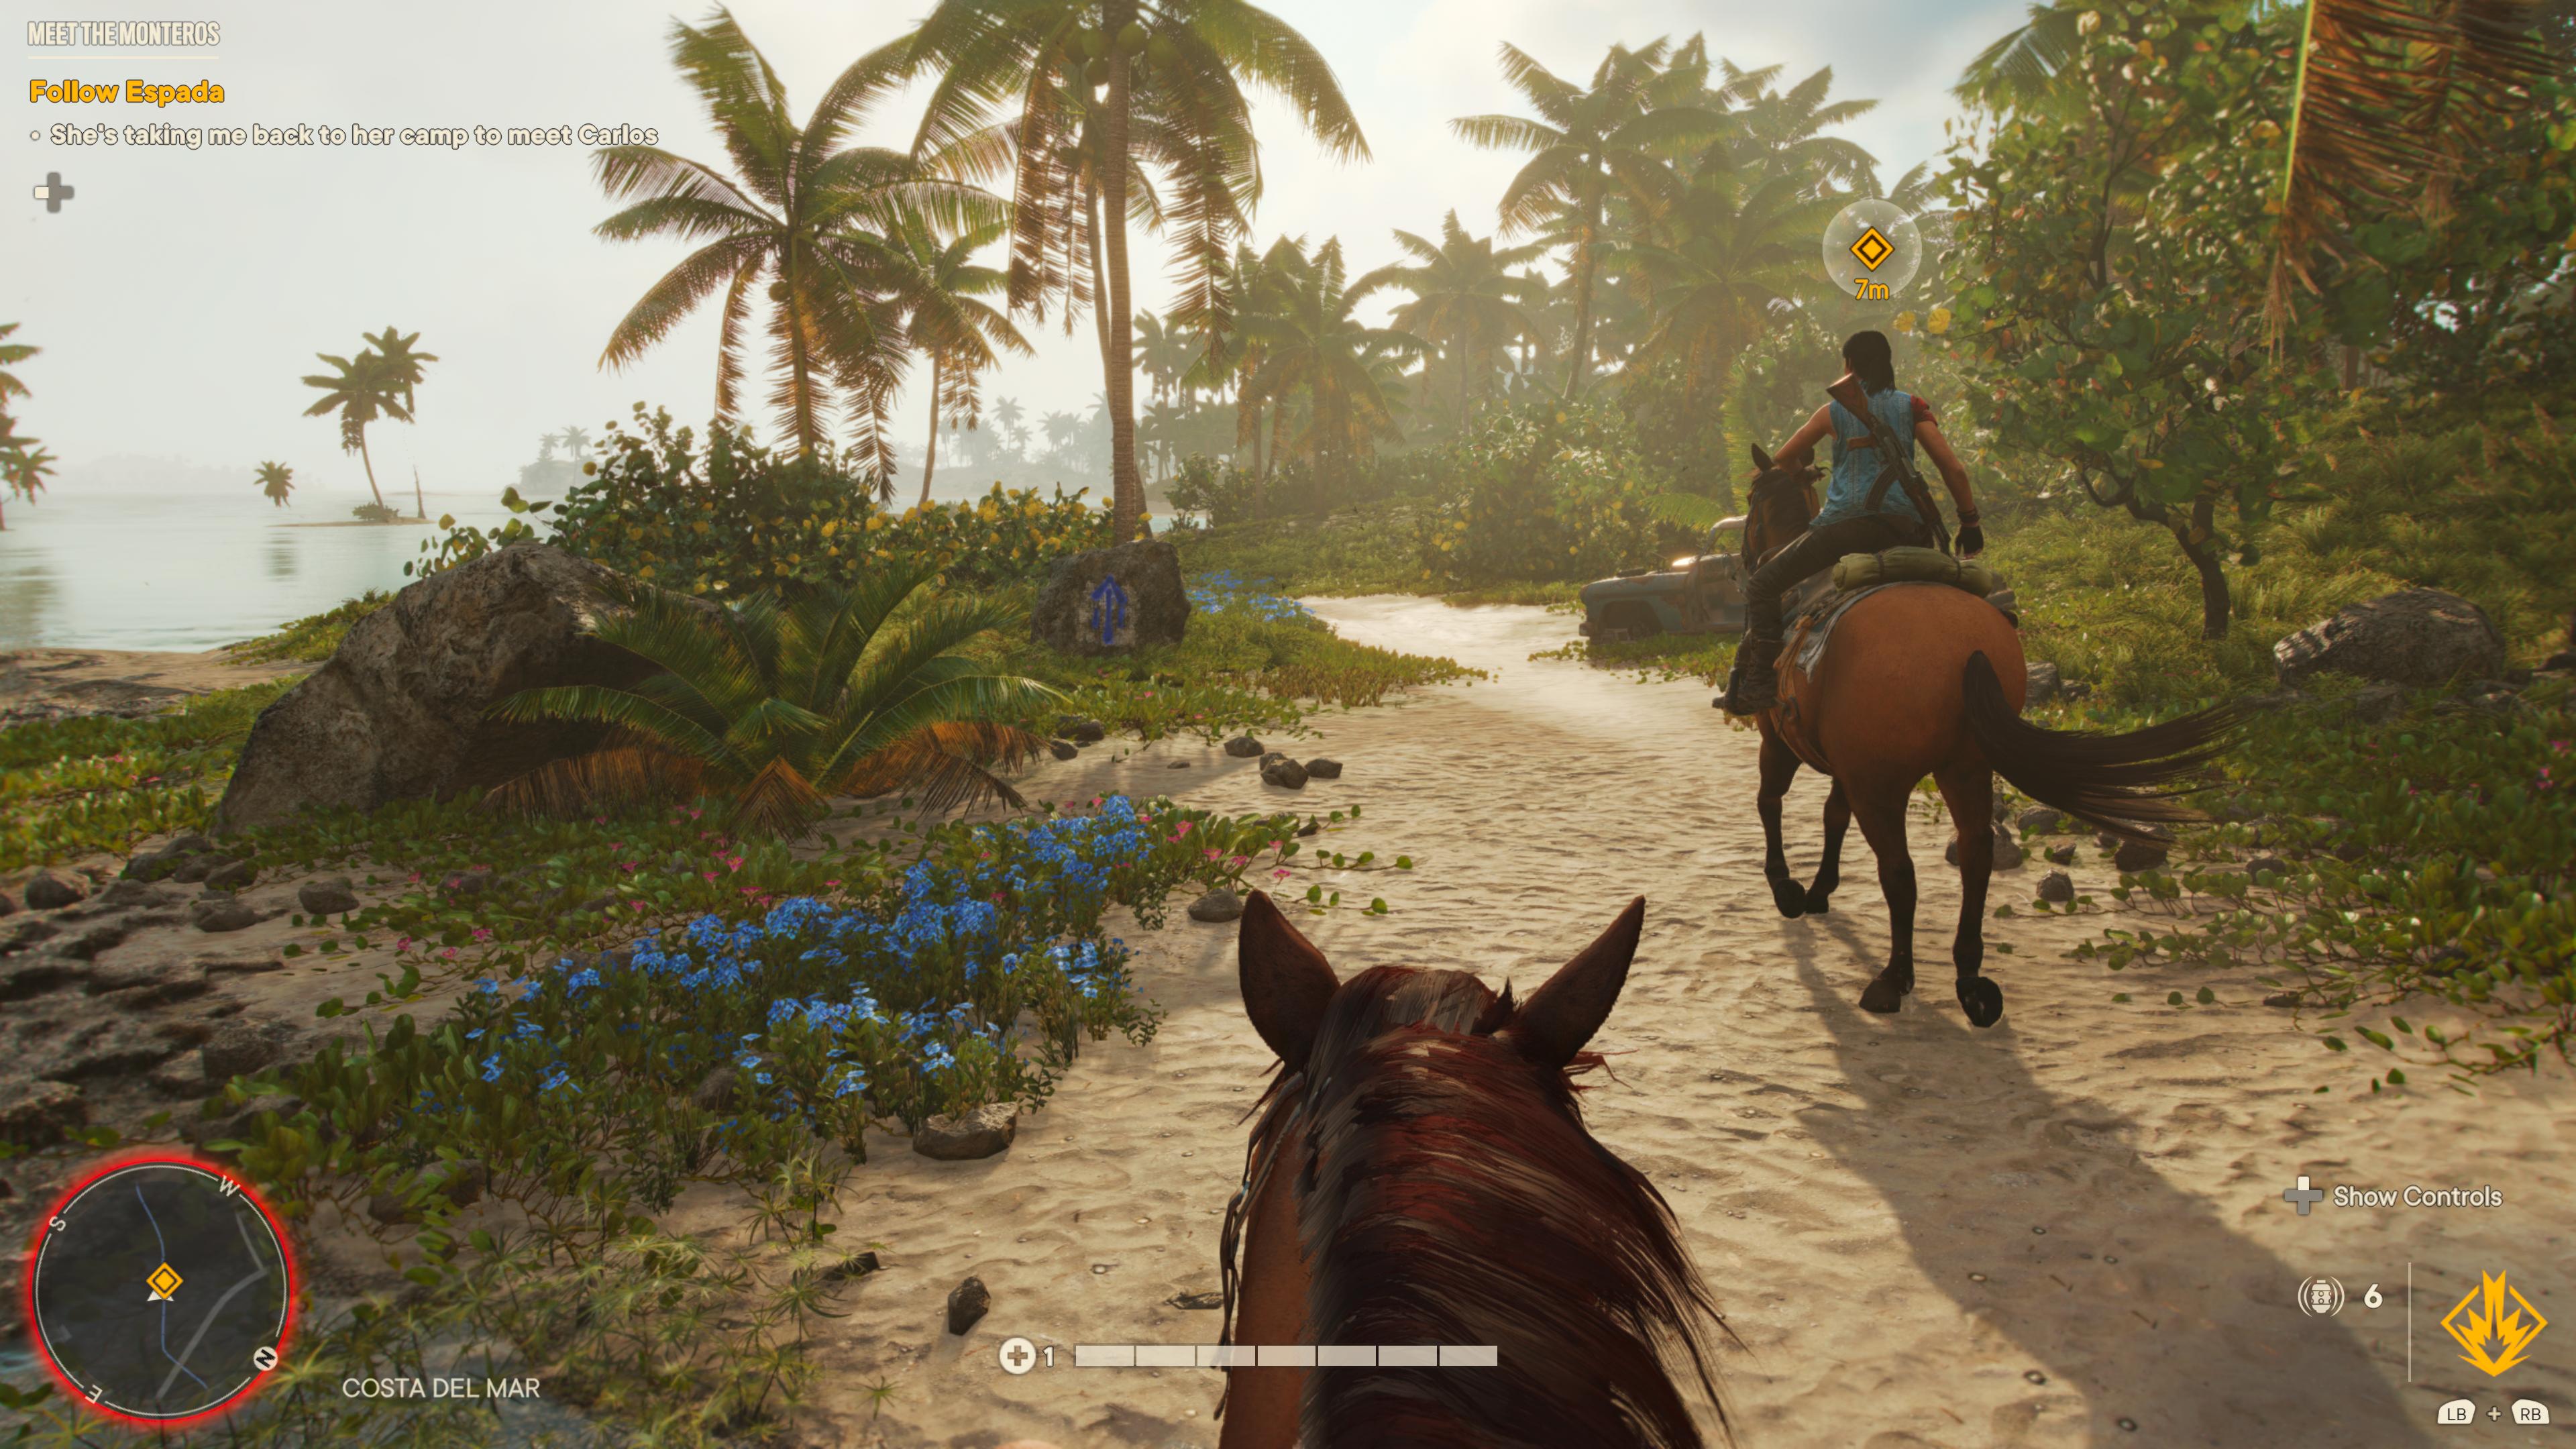 Grimpez à dos de cheval afin d'explorer les décors paradisiaques de Yara